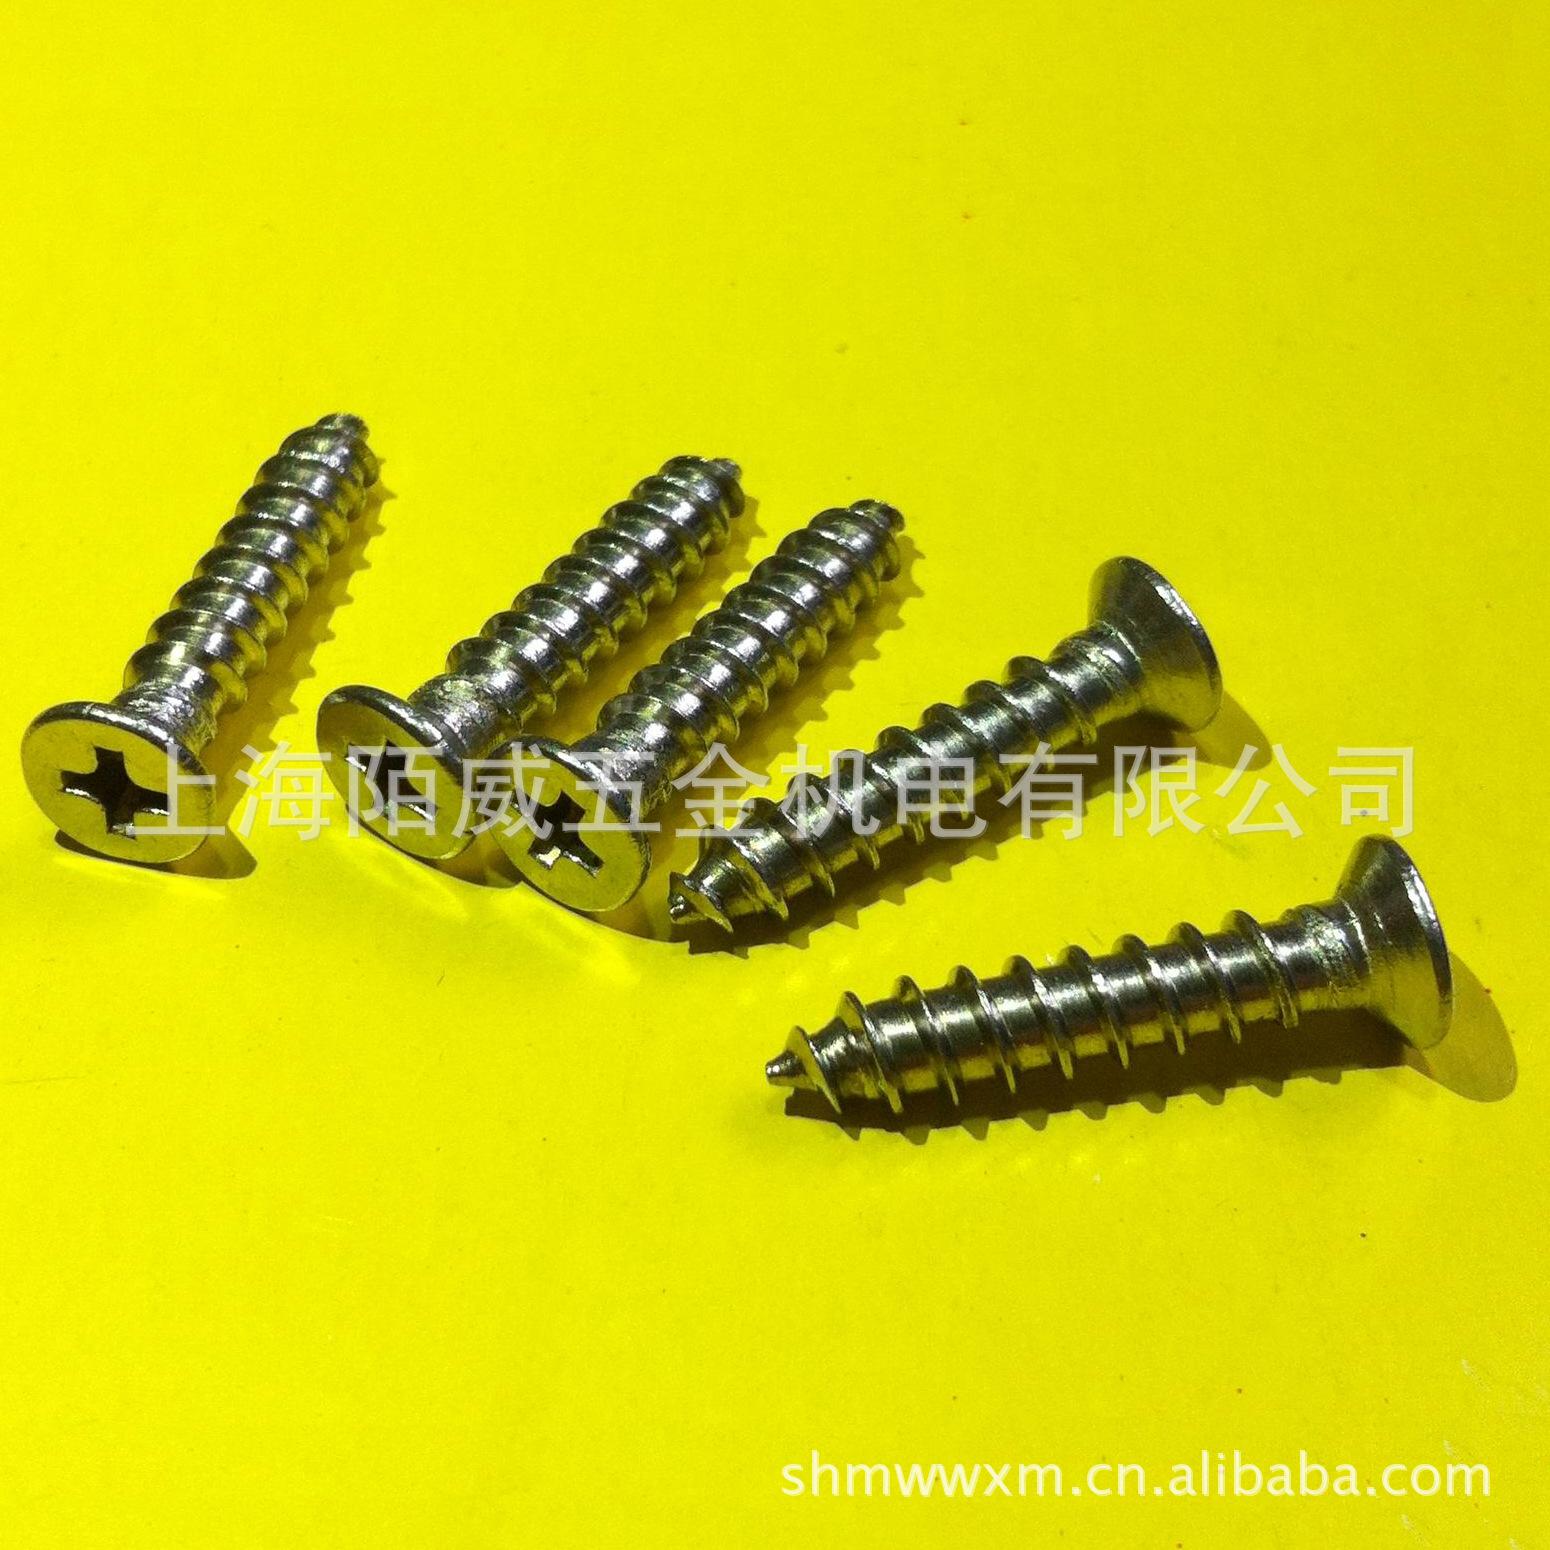 长期生产供应美制沉头十字机械螺丝 不锈钢沉头自攻自钻螺丝